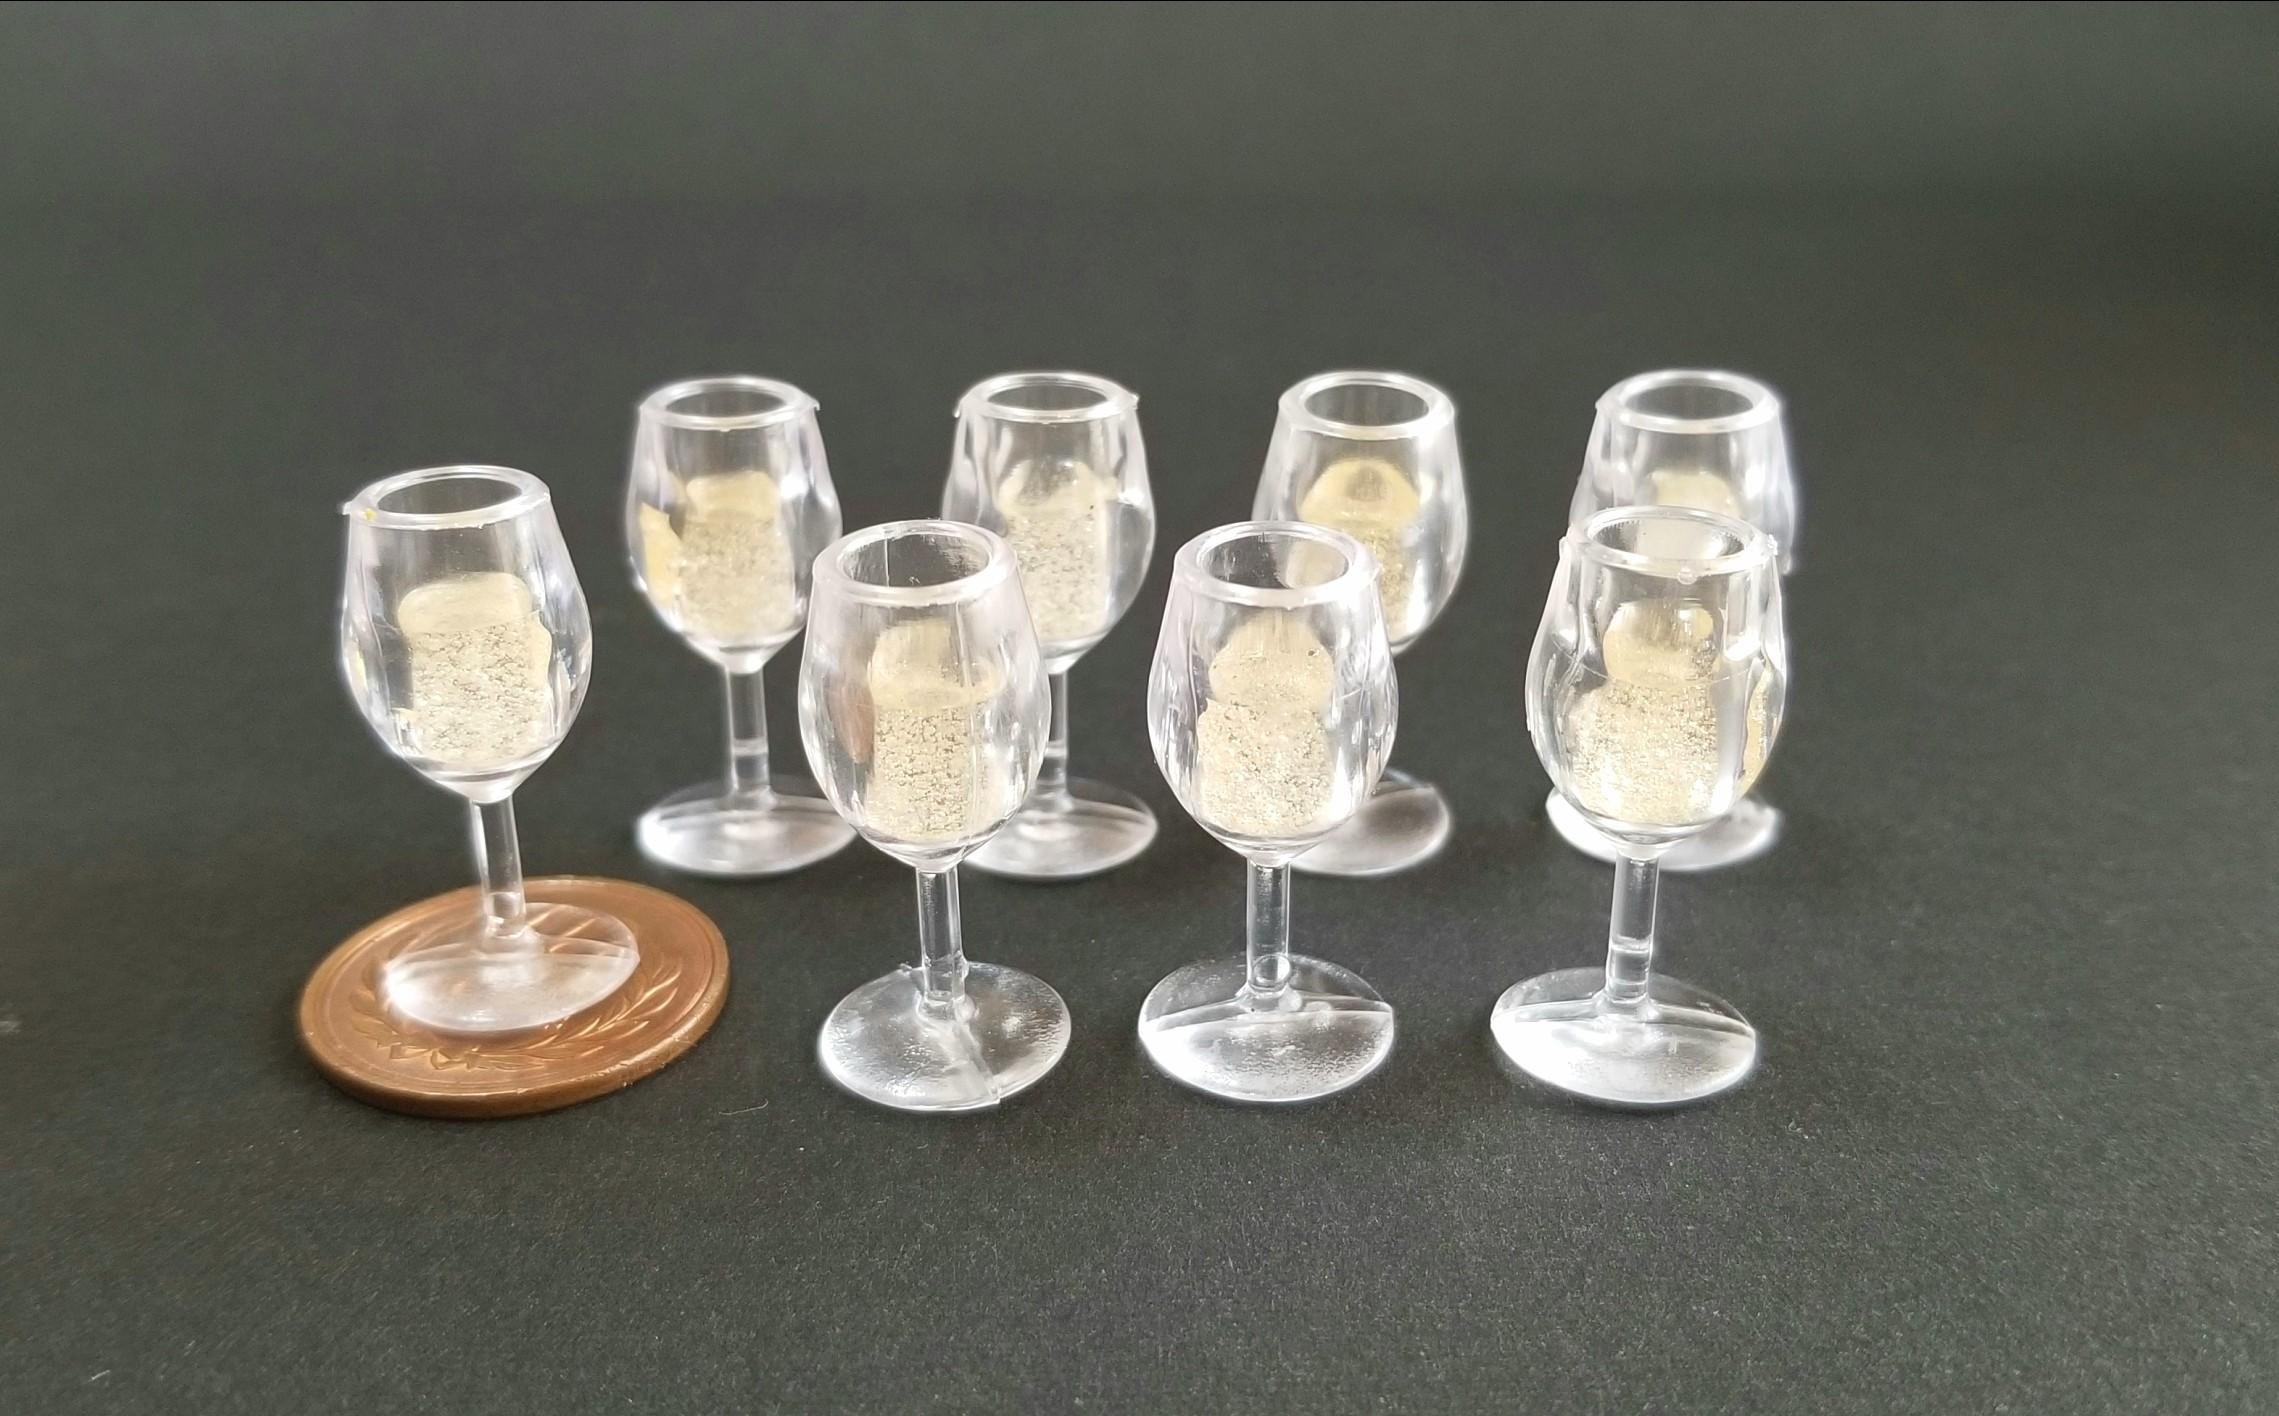 ミニチュア,シャンパン,ワイン,レジン,フェイク,ねんどろ刀剣男士